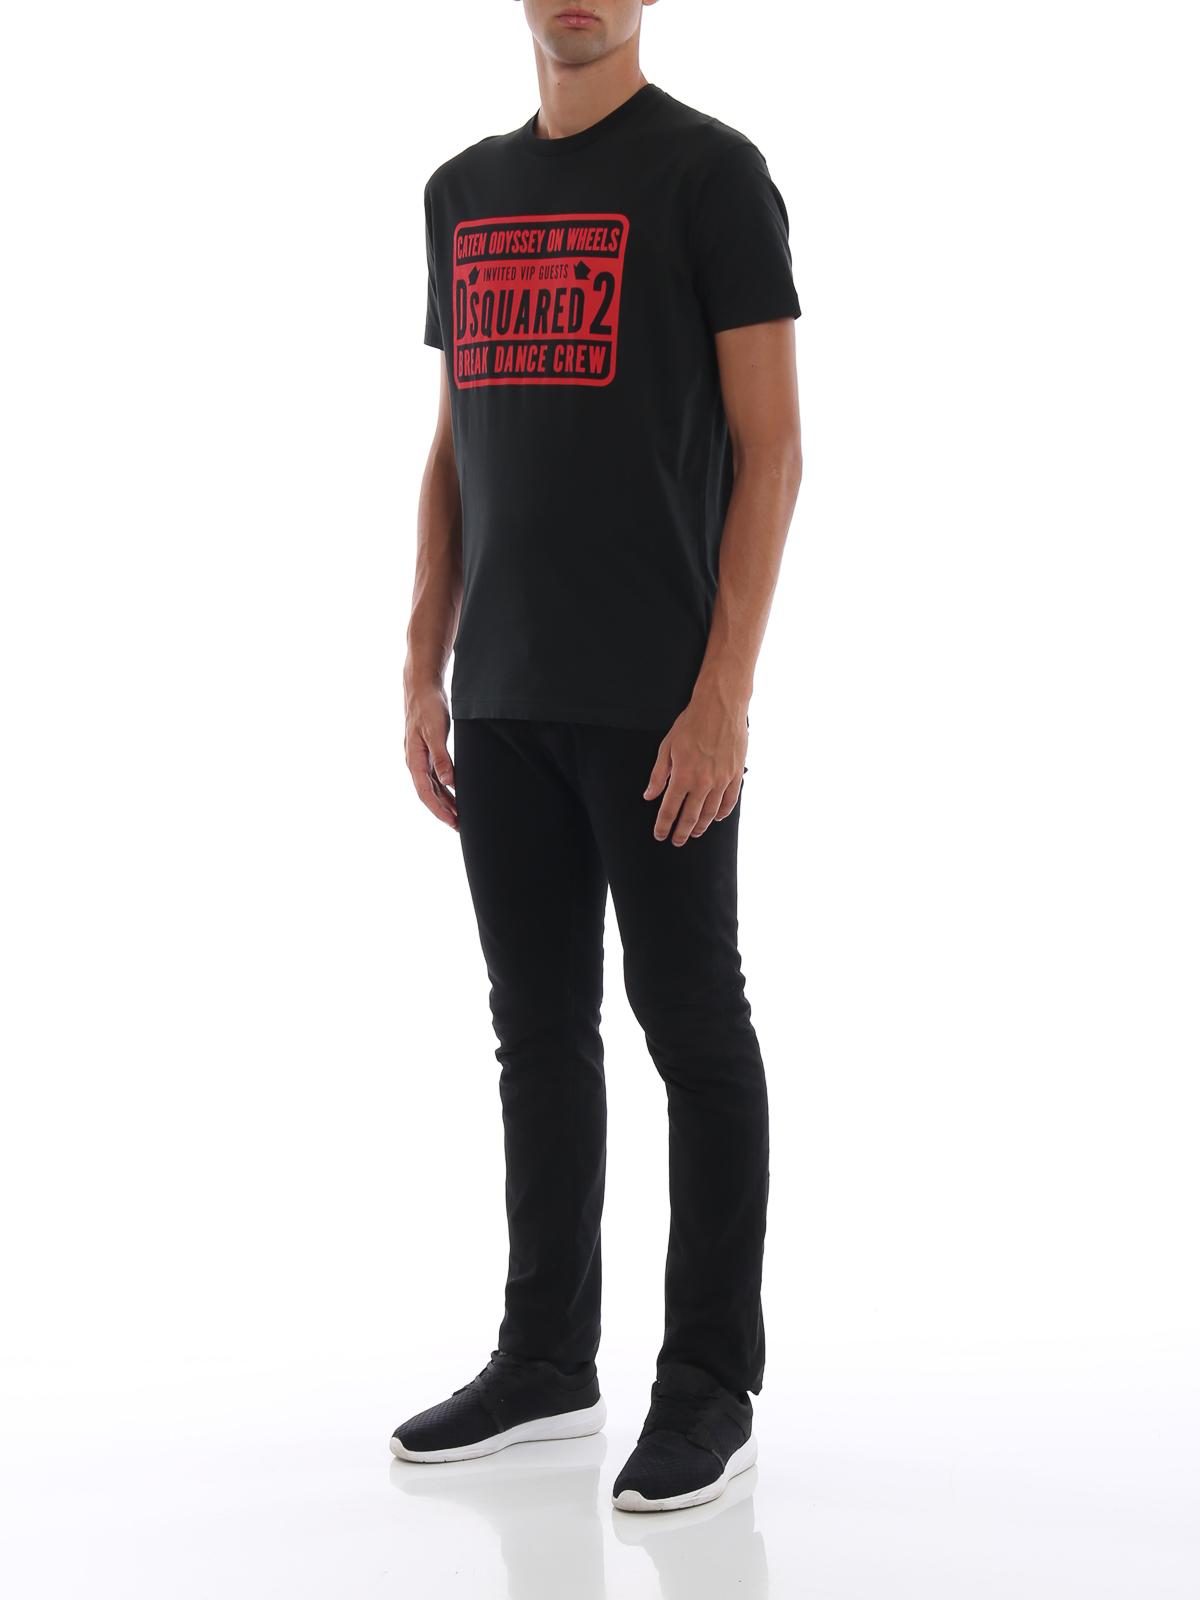 db448f668c9f0 DSQUARED2  t-shirts online - Break Dance Crew print black T-shirt